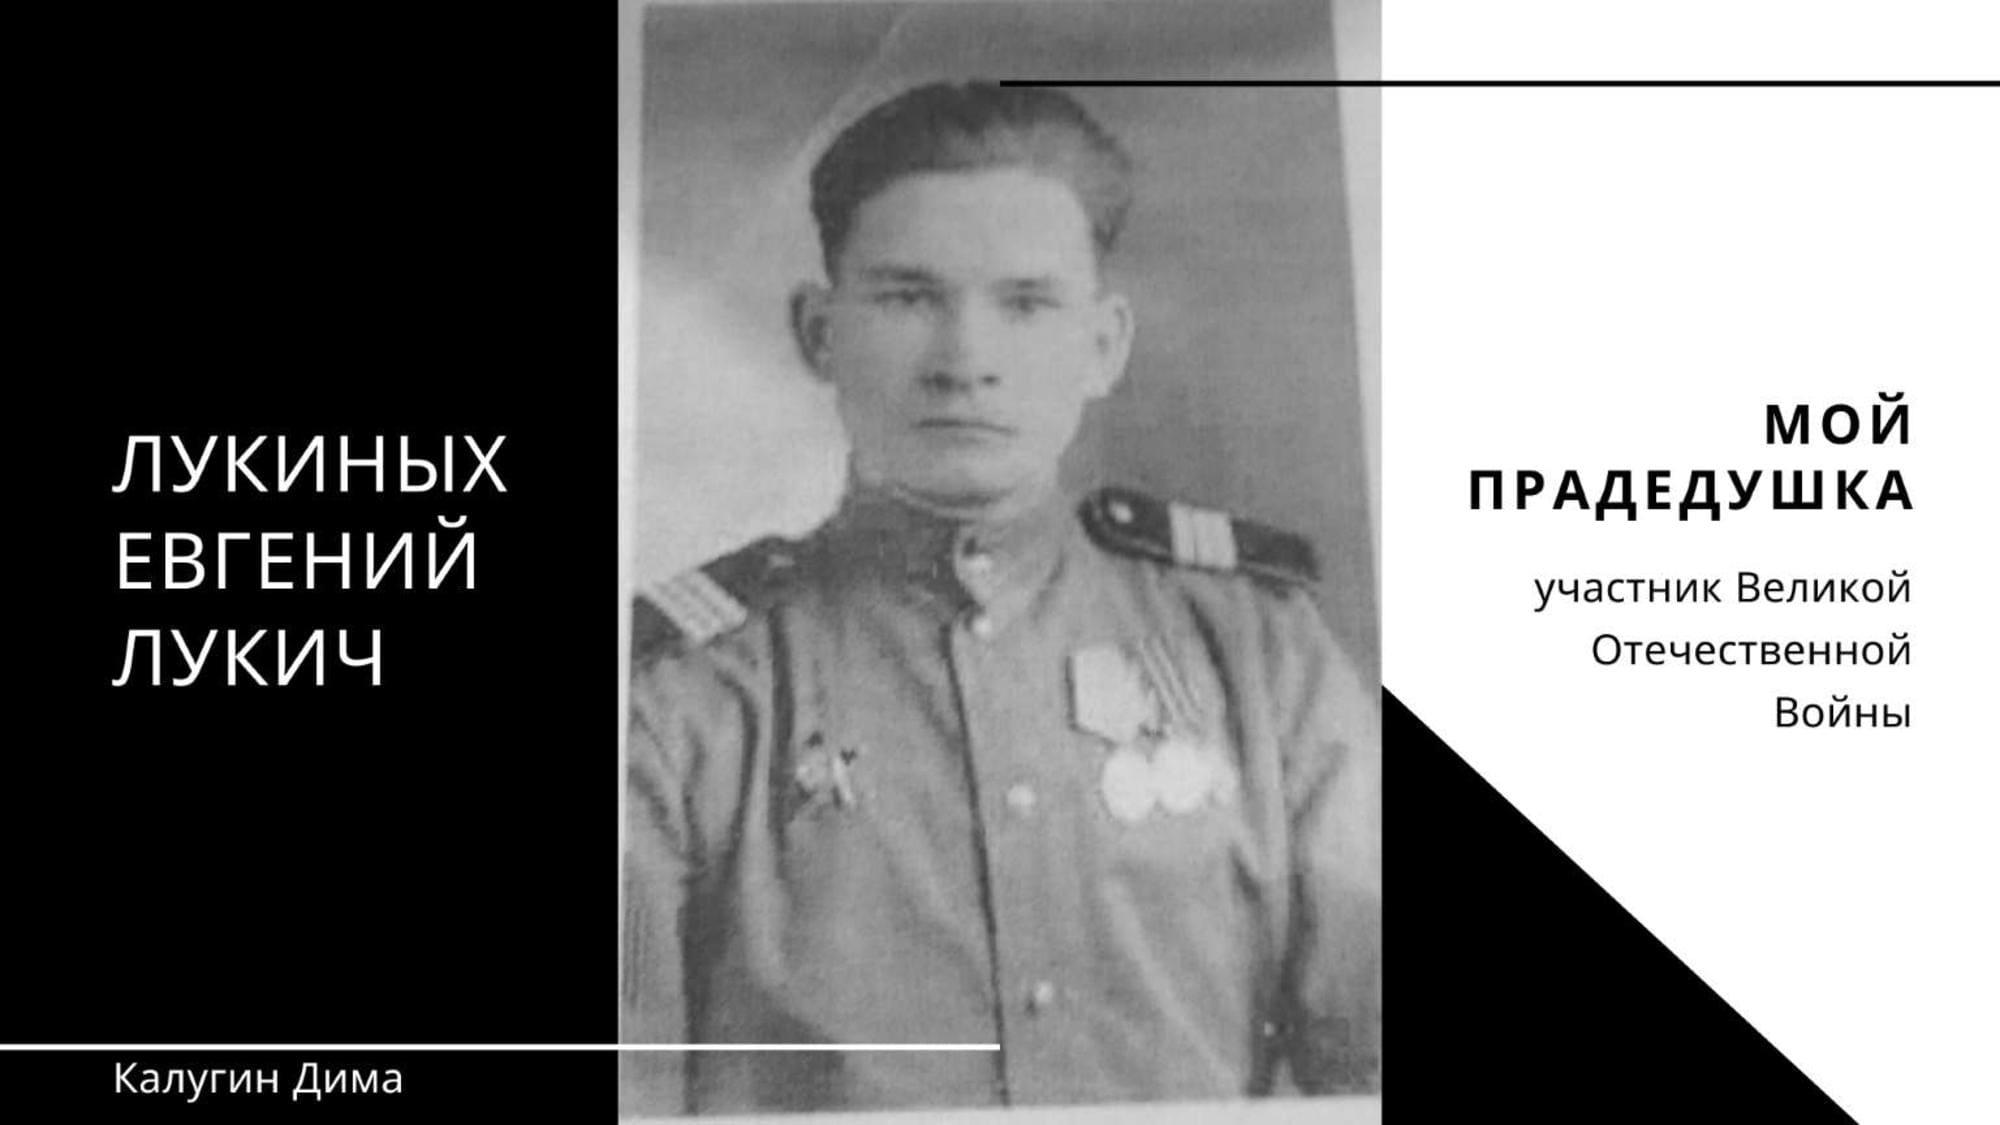 Лукиных Евгений Лукич